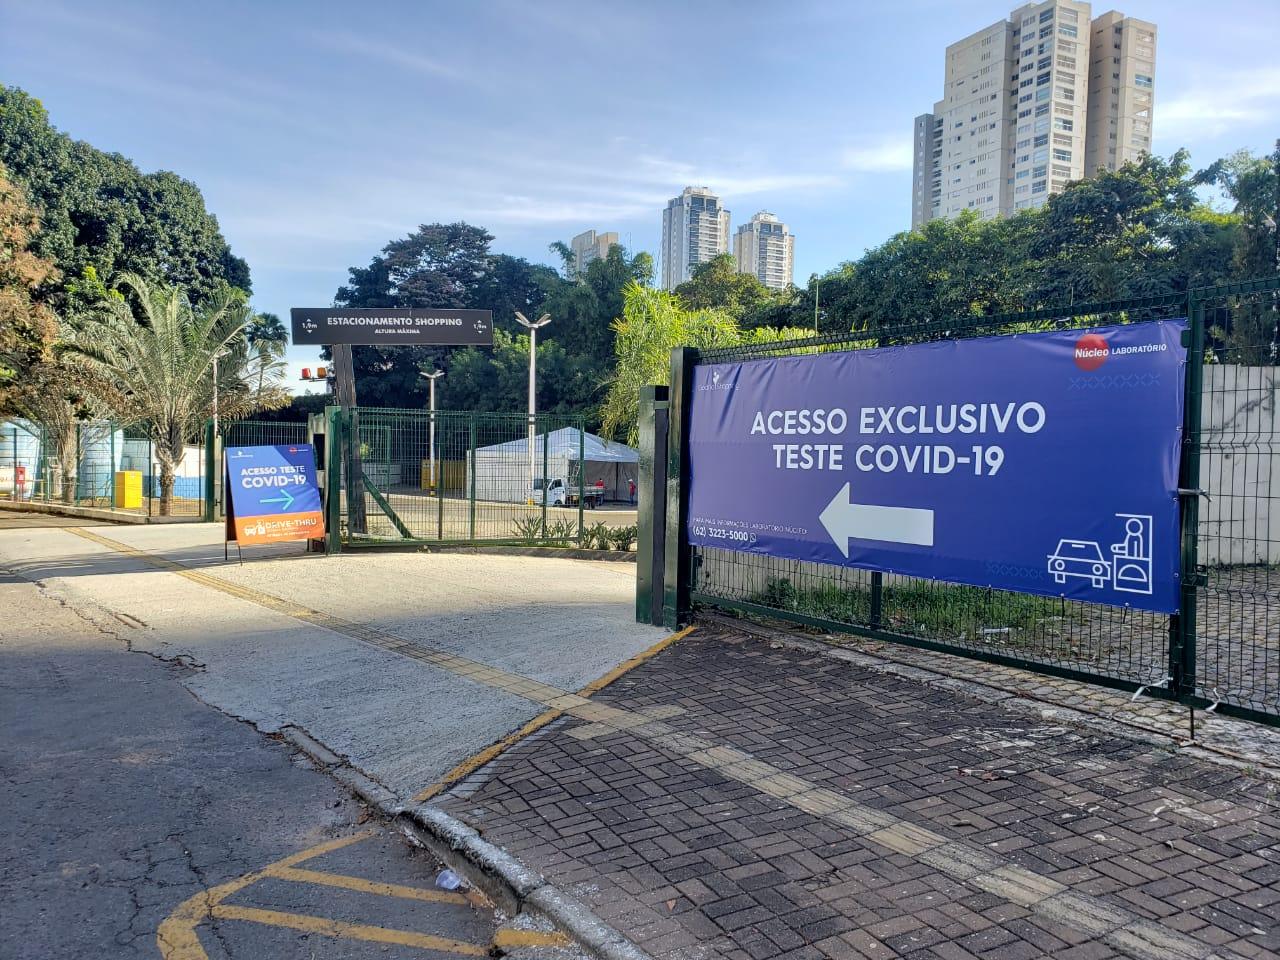 Segurança e comodidade: drive-thru de teste para covid-19